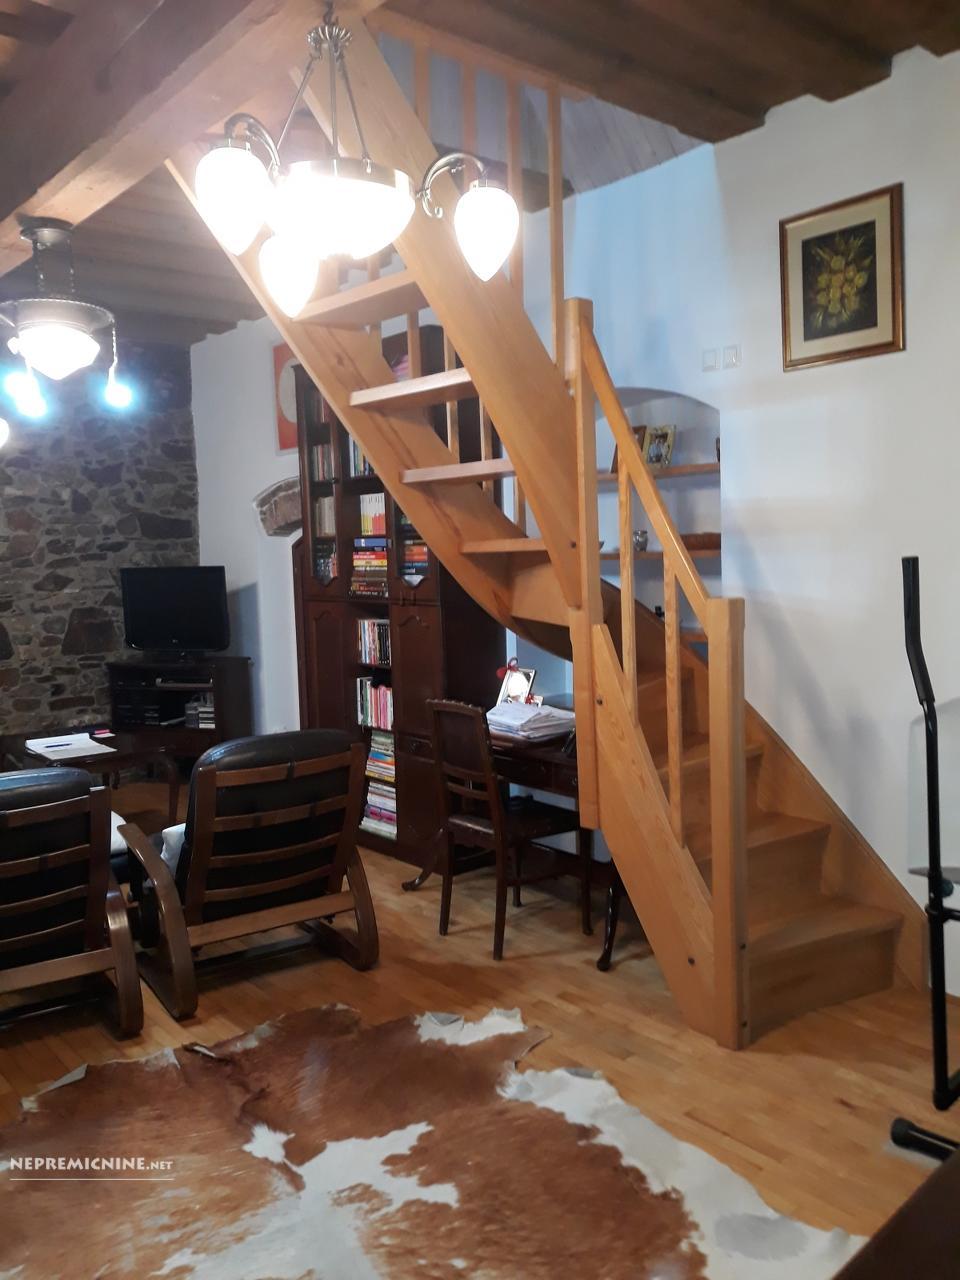 Prodaja, stanovanje - LJ. CENTER, MESTNI TRG 3